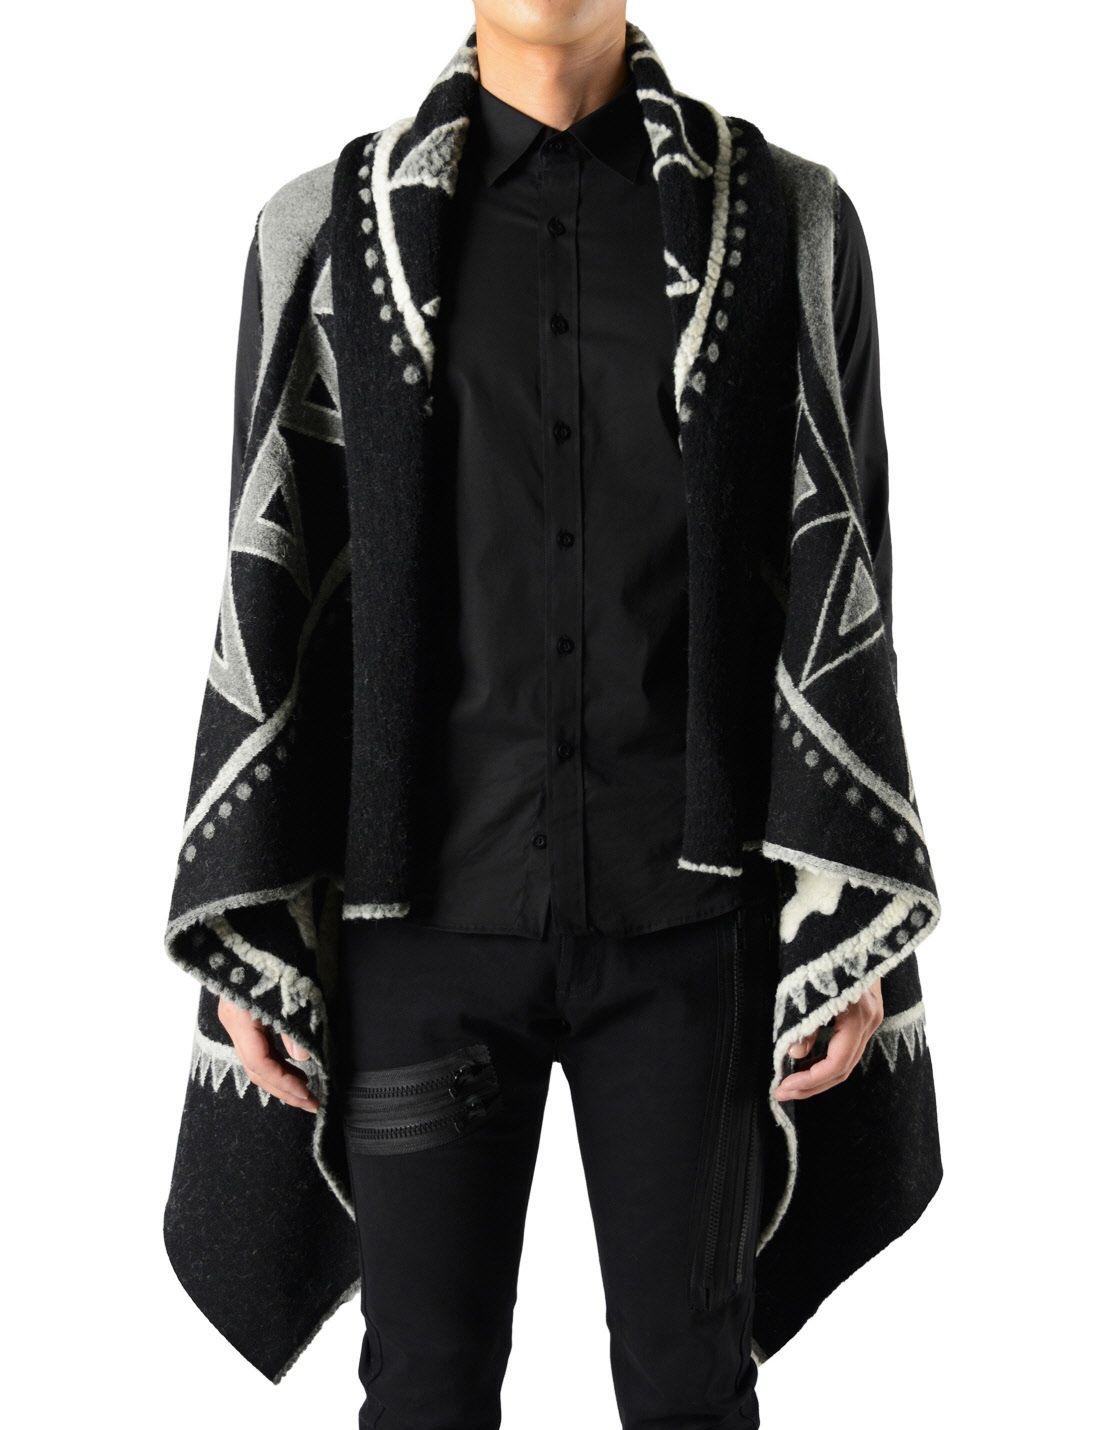 Manteau Unique Poncho Sleeveless Vest Style Cape Cardigan Cloak by ...